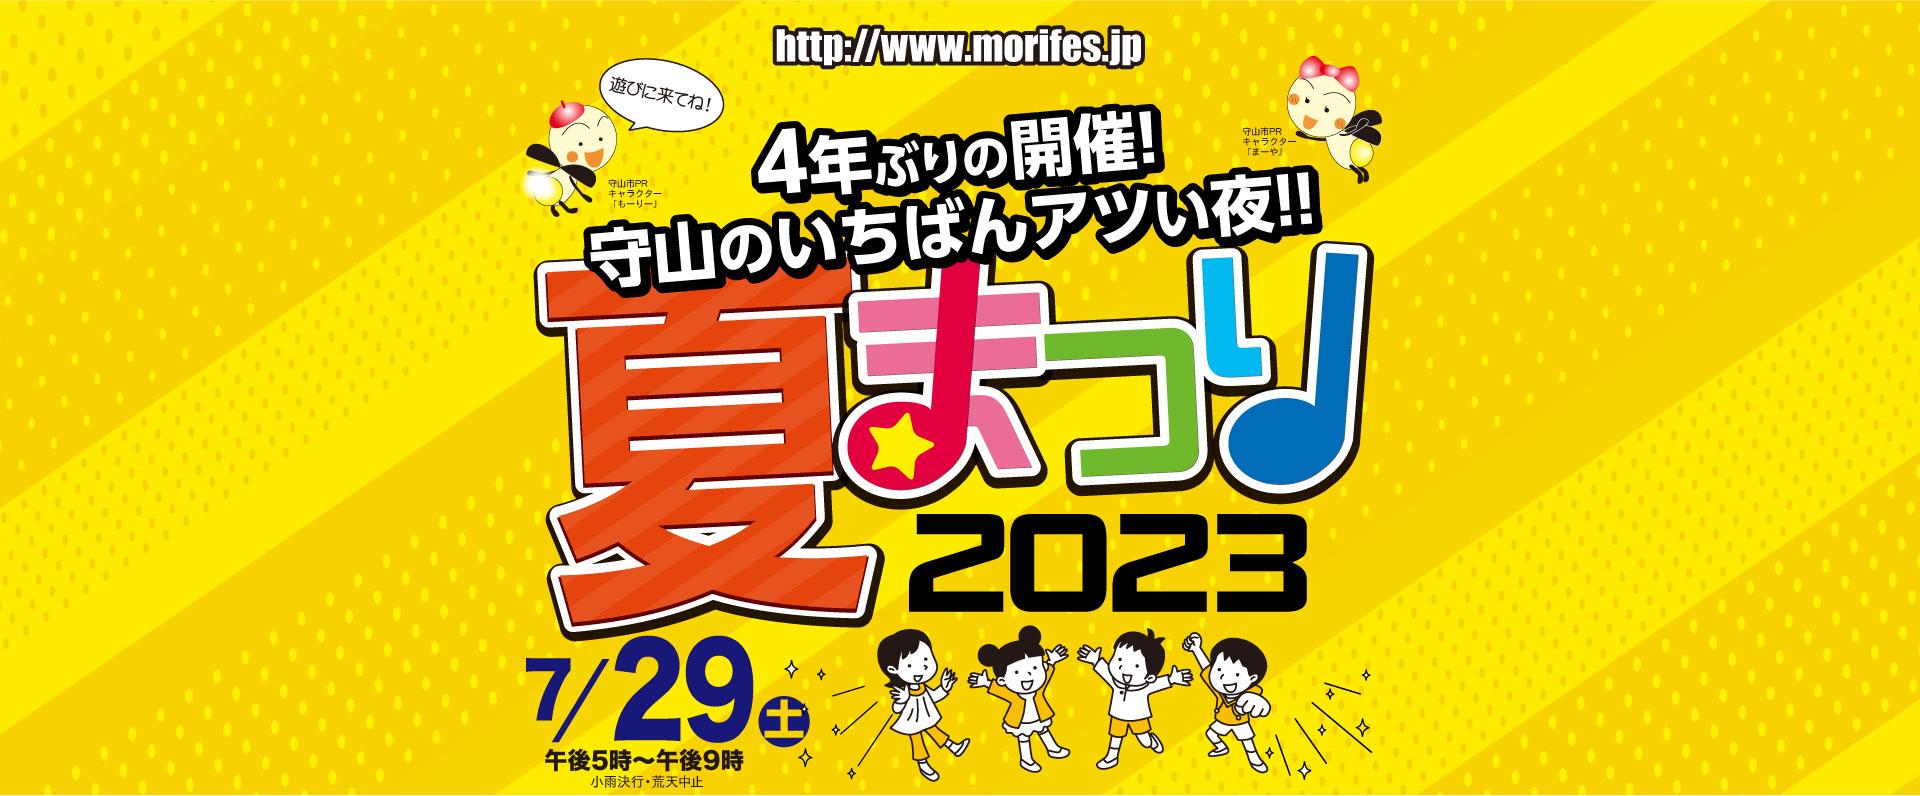 祝50周年!県下最大級の歩行者天国!!守山のいちばんアツい夜!!